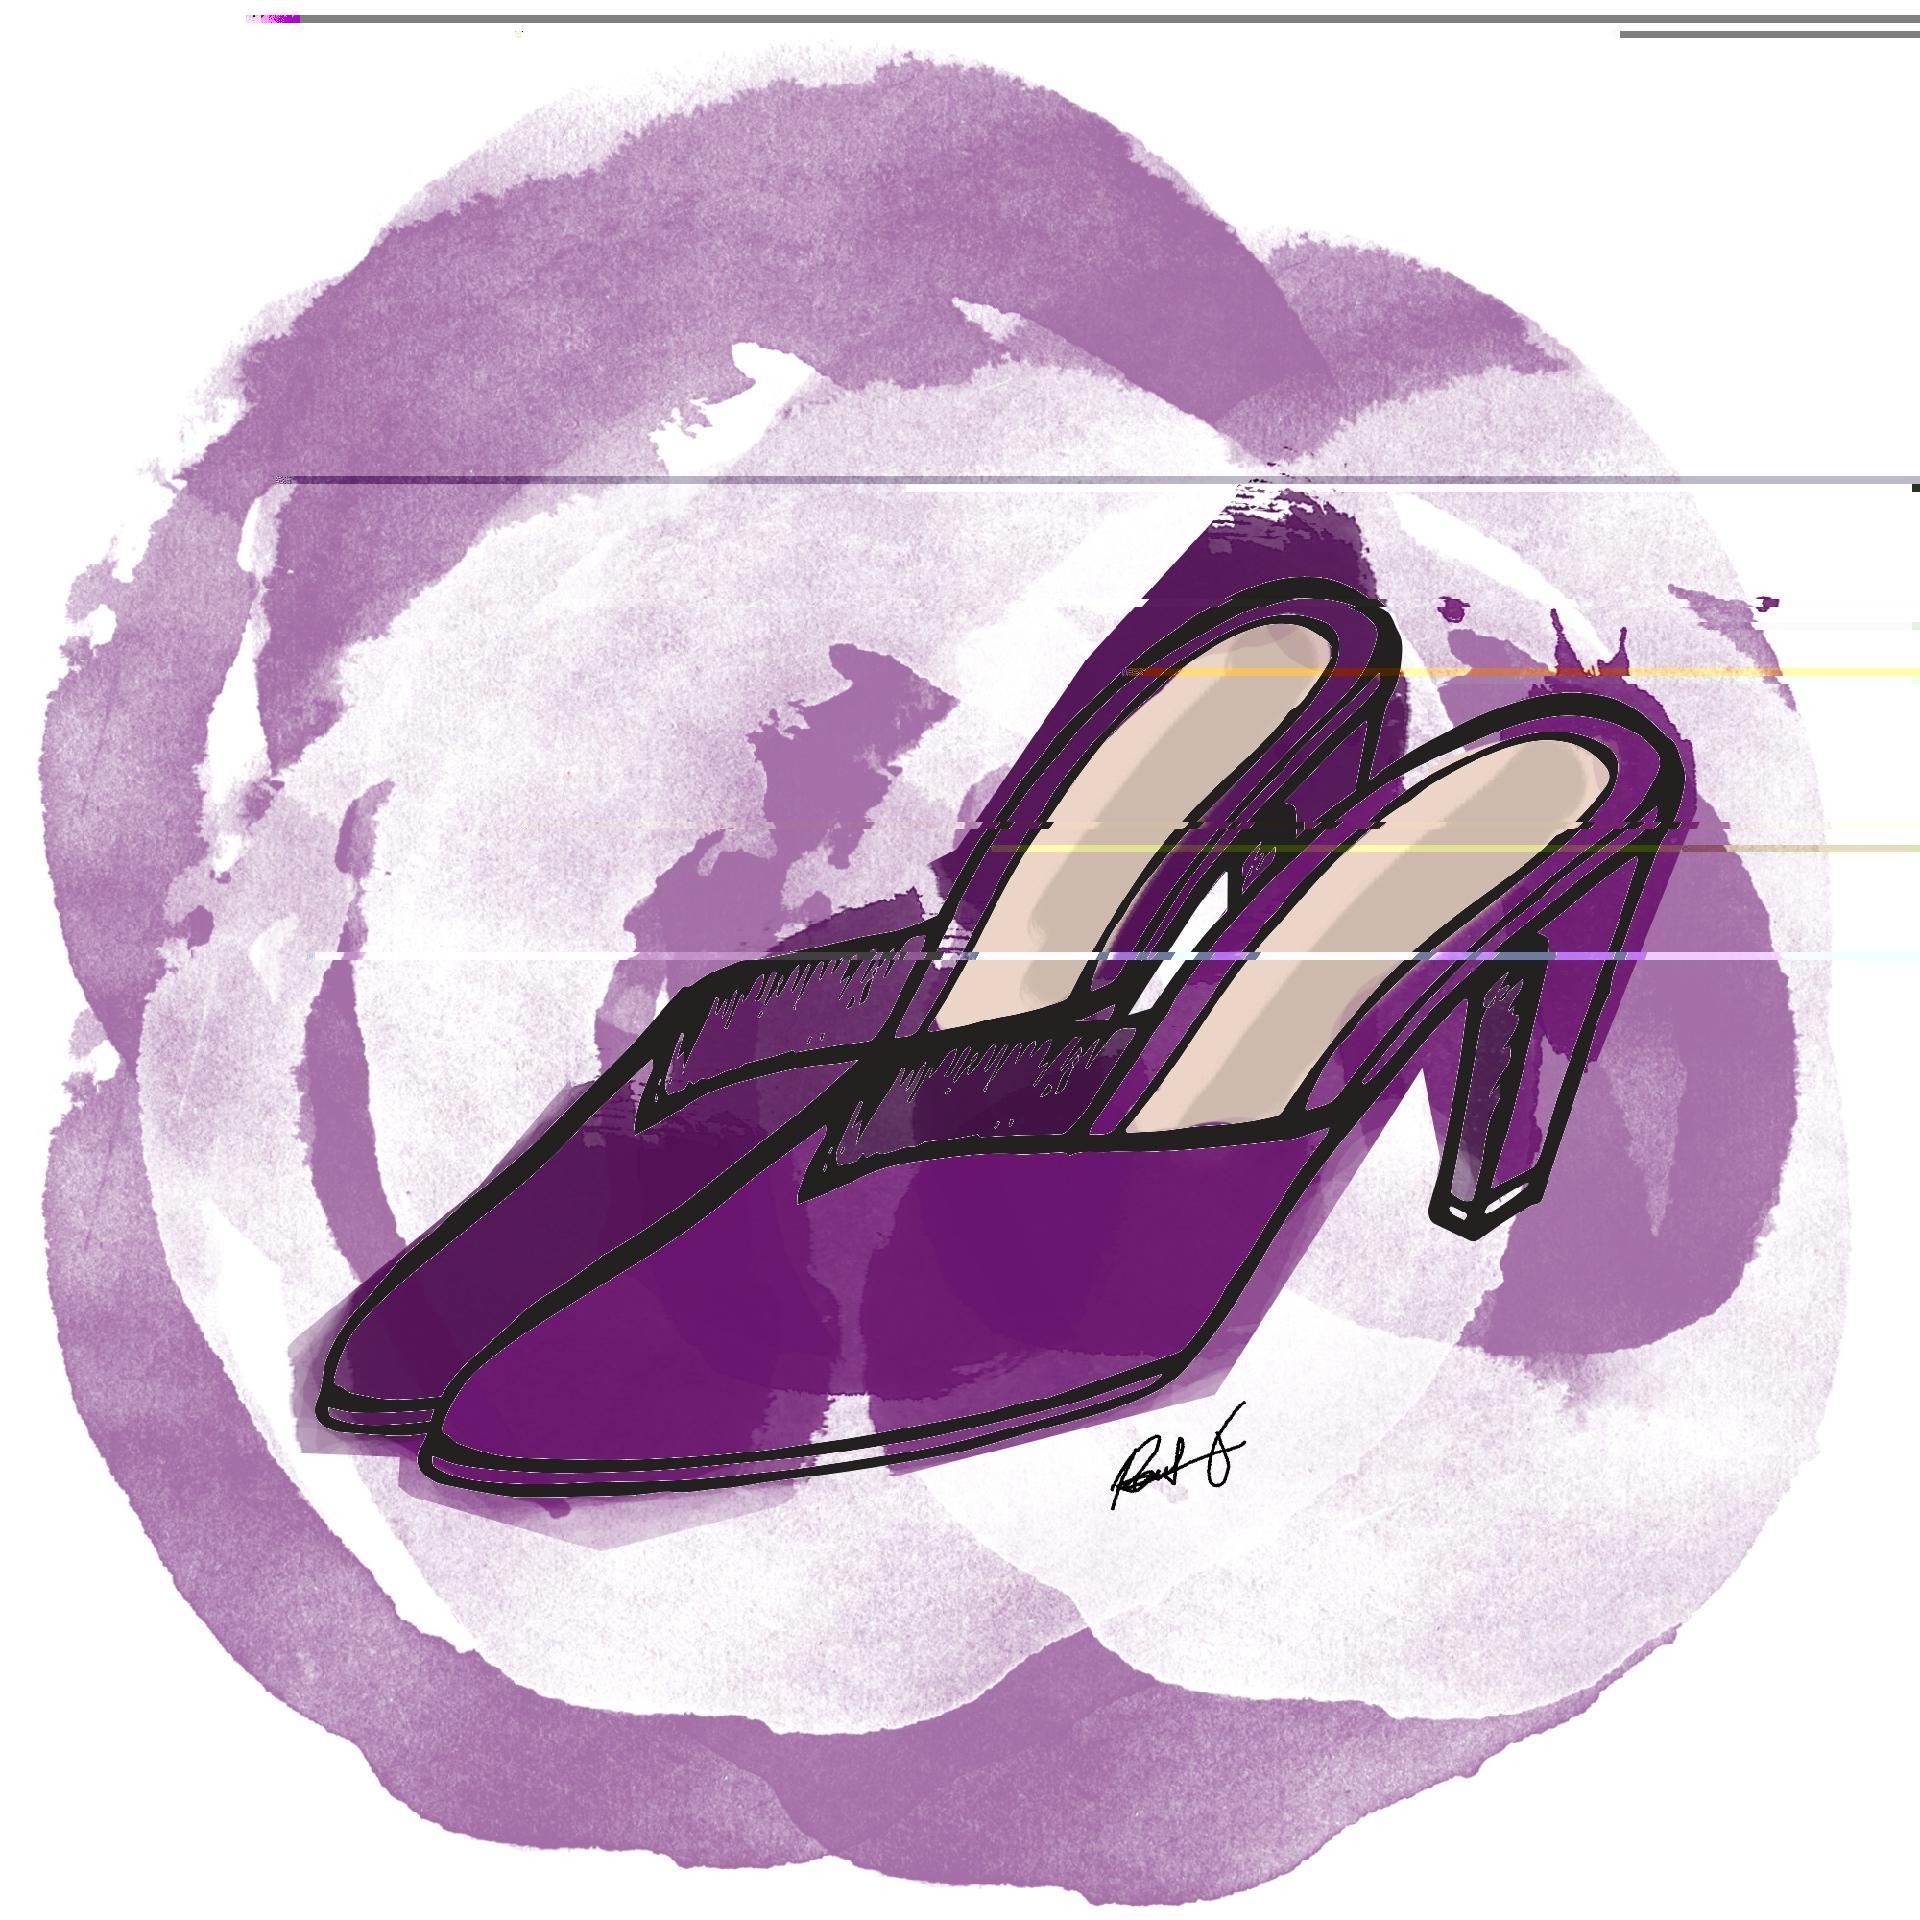 72ffe59e02 Verão 2019  veja os seis modelos de sapatos e sandálias que são tendência -  15 07 2018 - UOL Universa